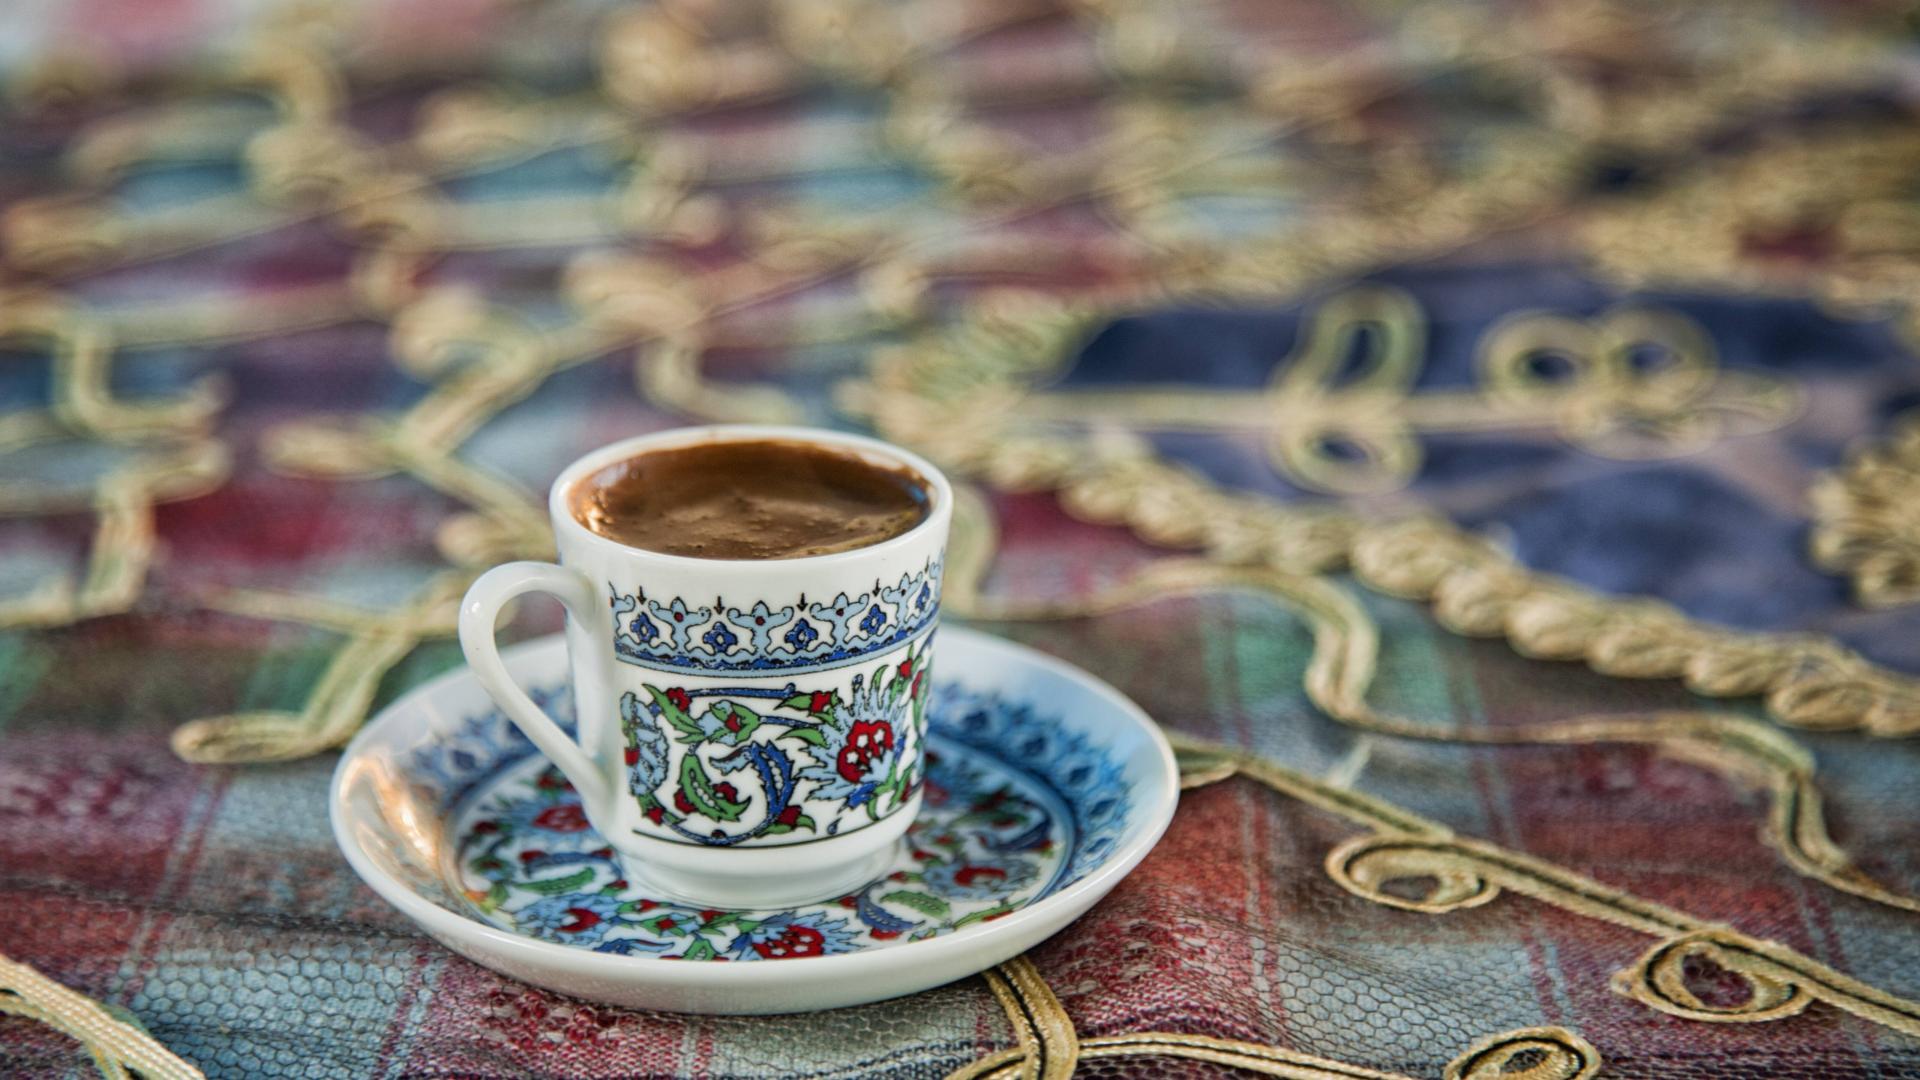 Türkischer Moccha, kaffee tasse